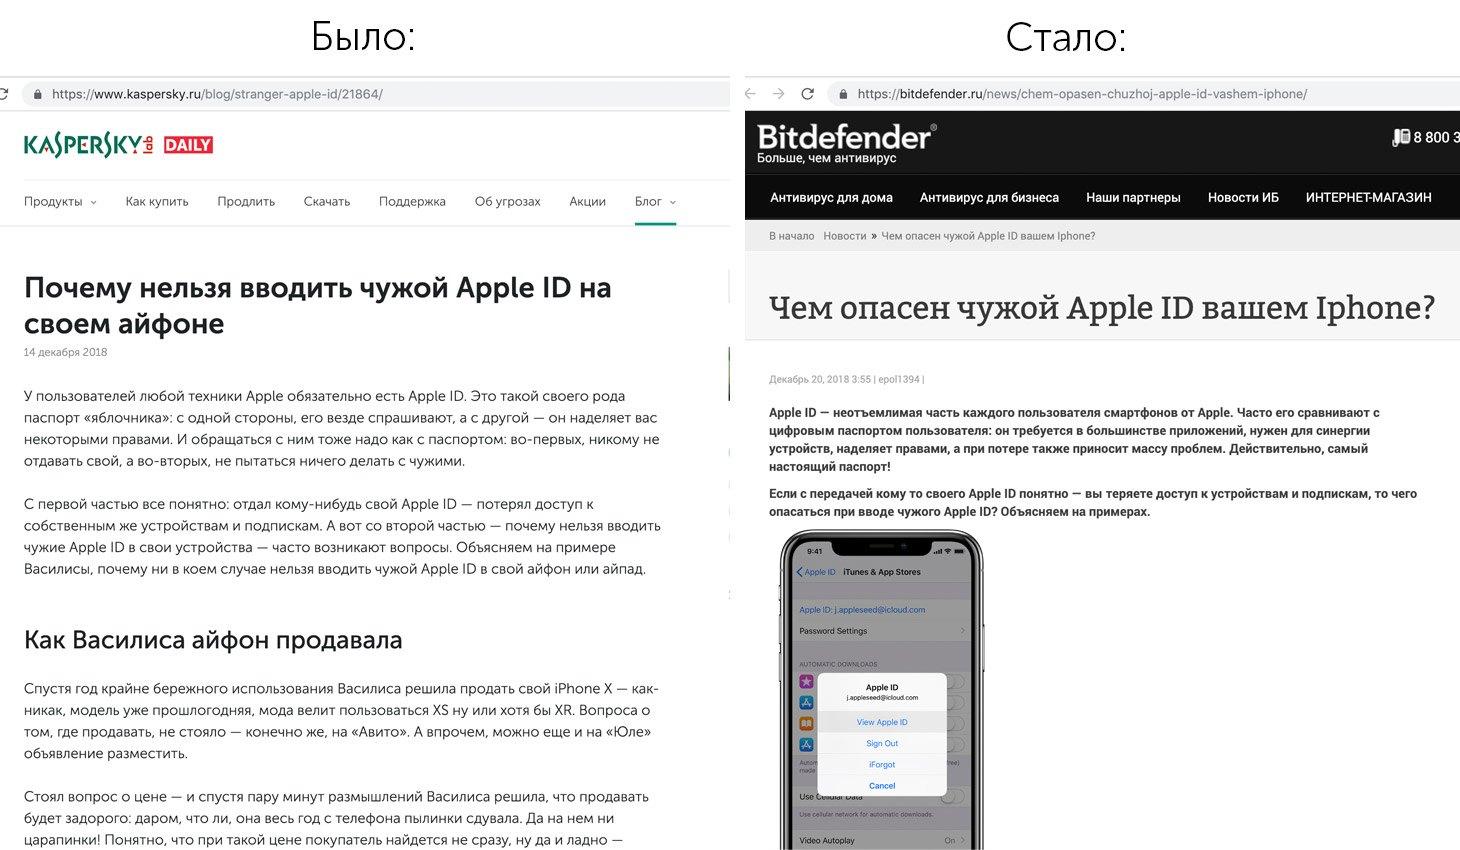 """Пост про чужой Apple ID: было у """"Лаборатории Касперского"""", стало у BitDefender"""